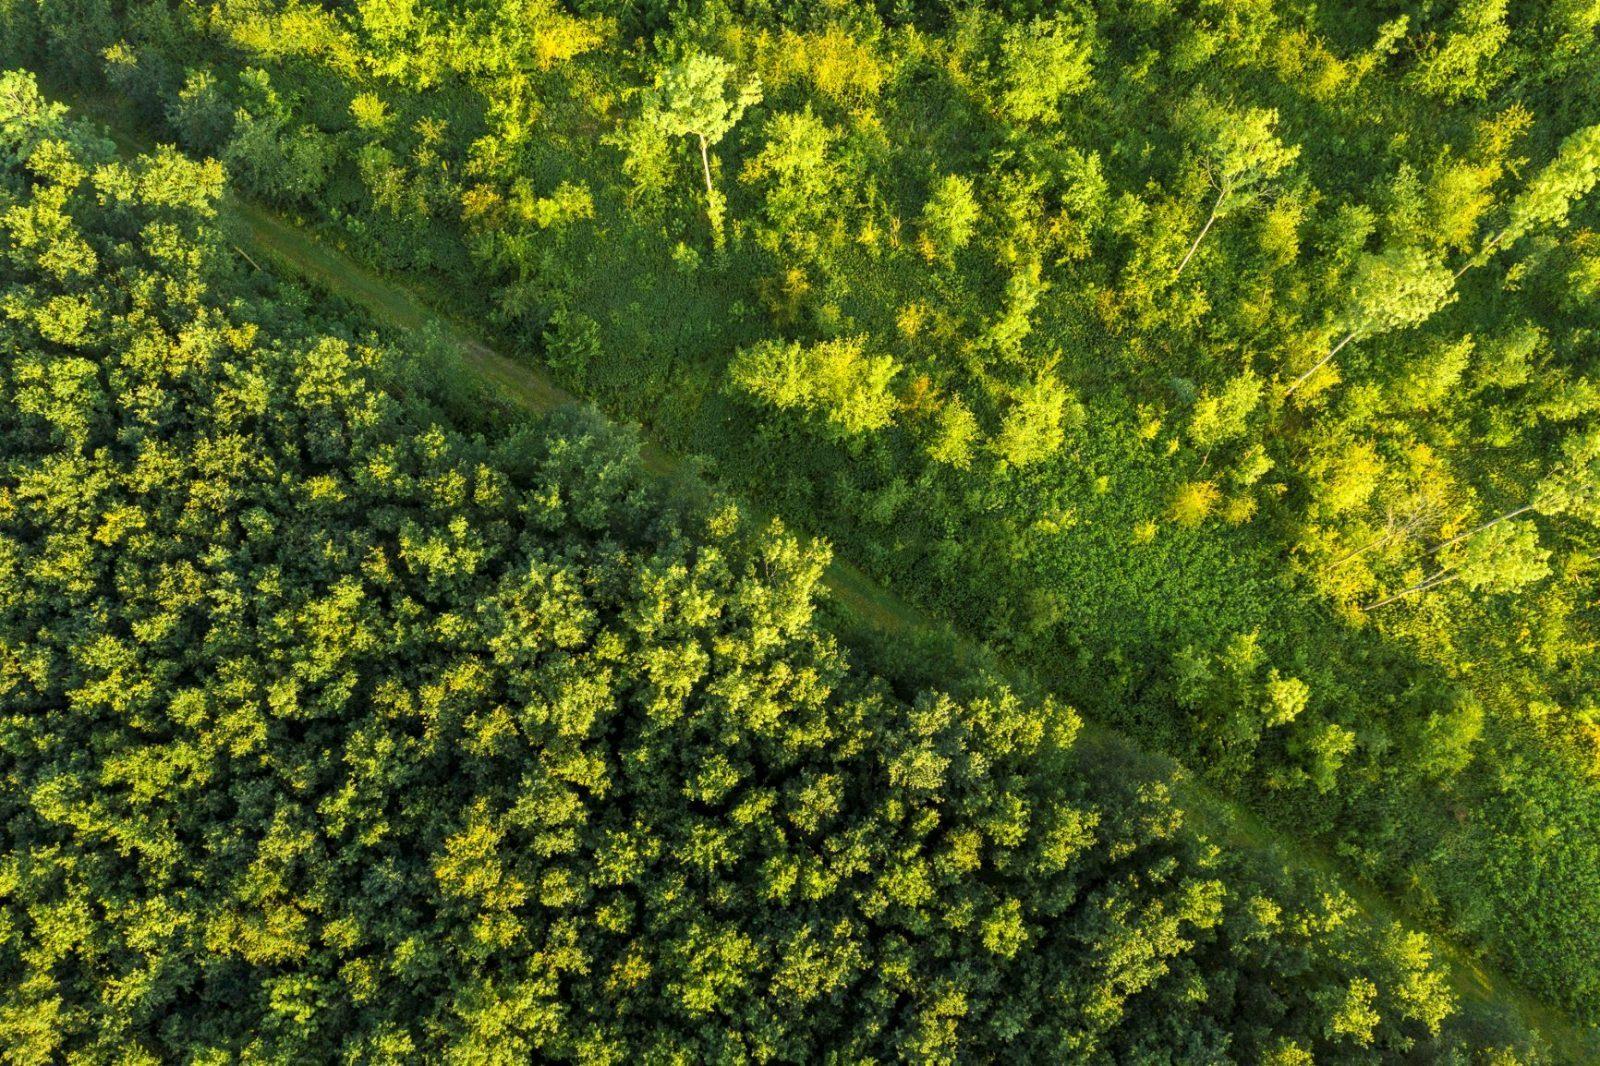 Waalse bos luchtfoto